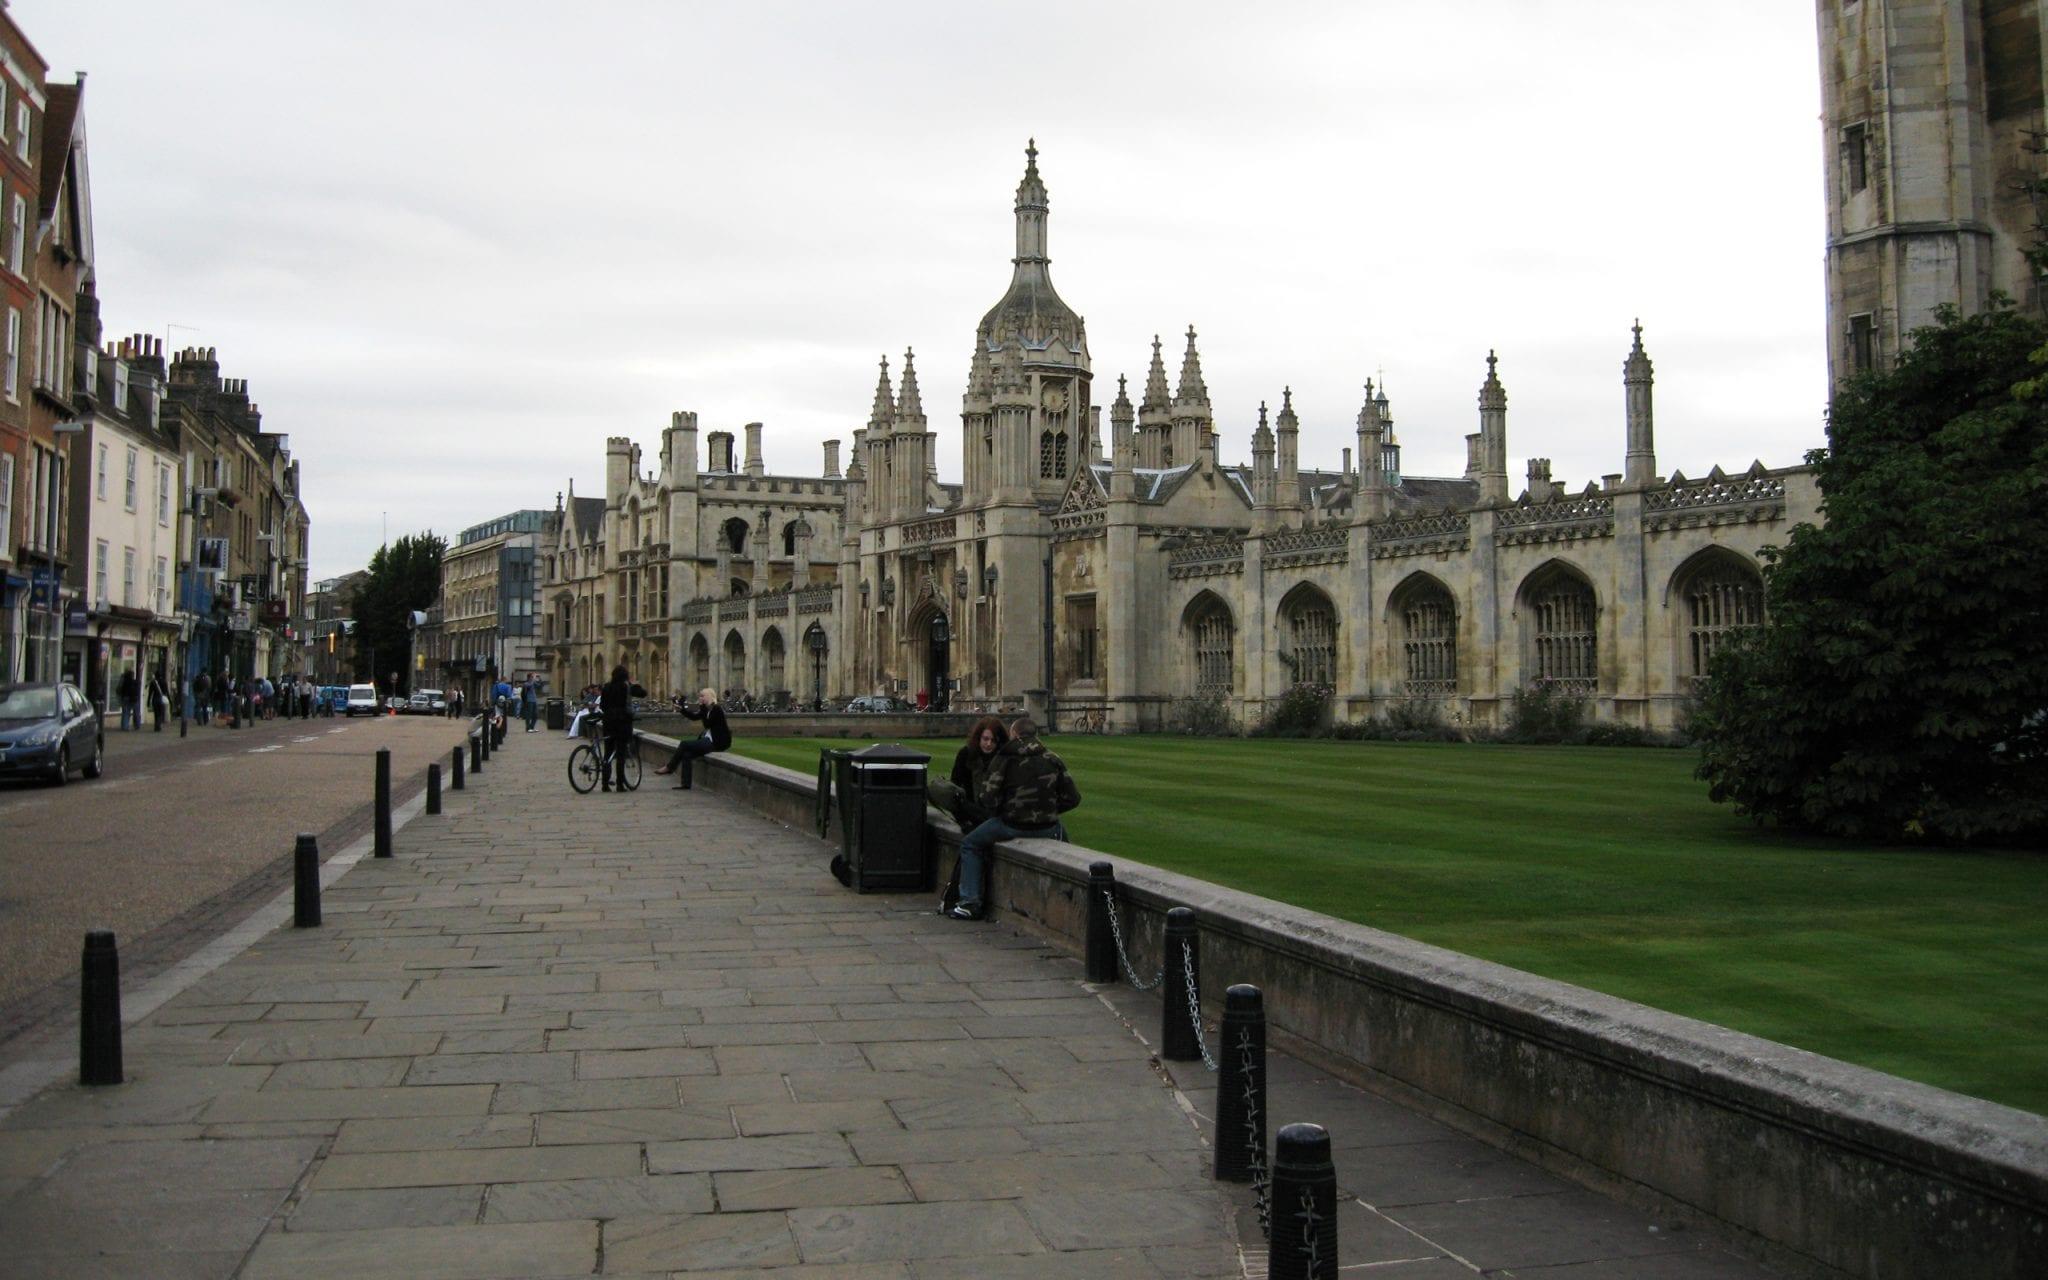 Población de españoles en el mundo: Tasa de paro para españoles de Cambridge